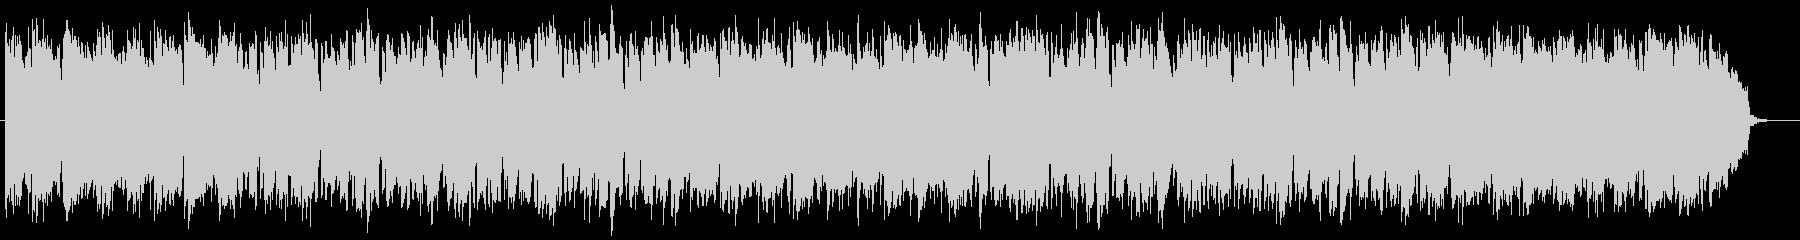 クラシカルで軽やかなピアノサウンドの未再生の波形